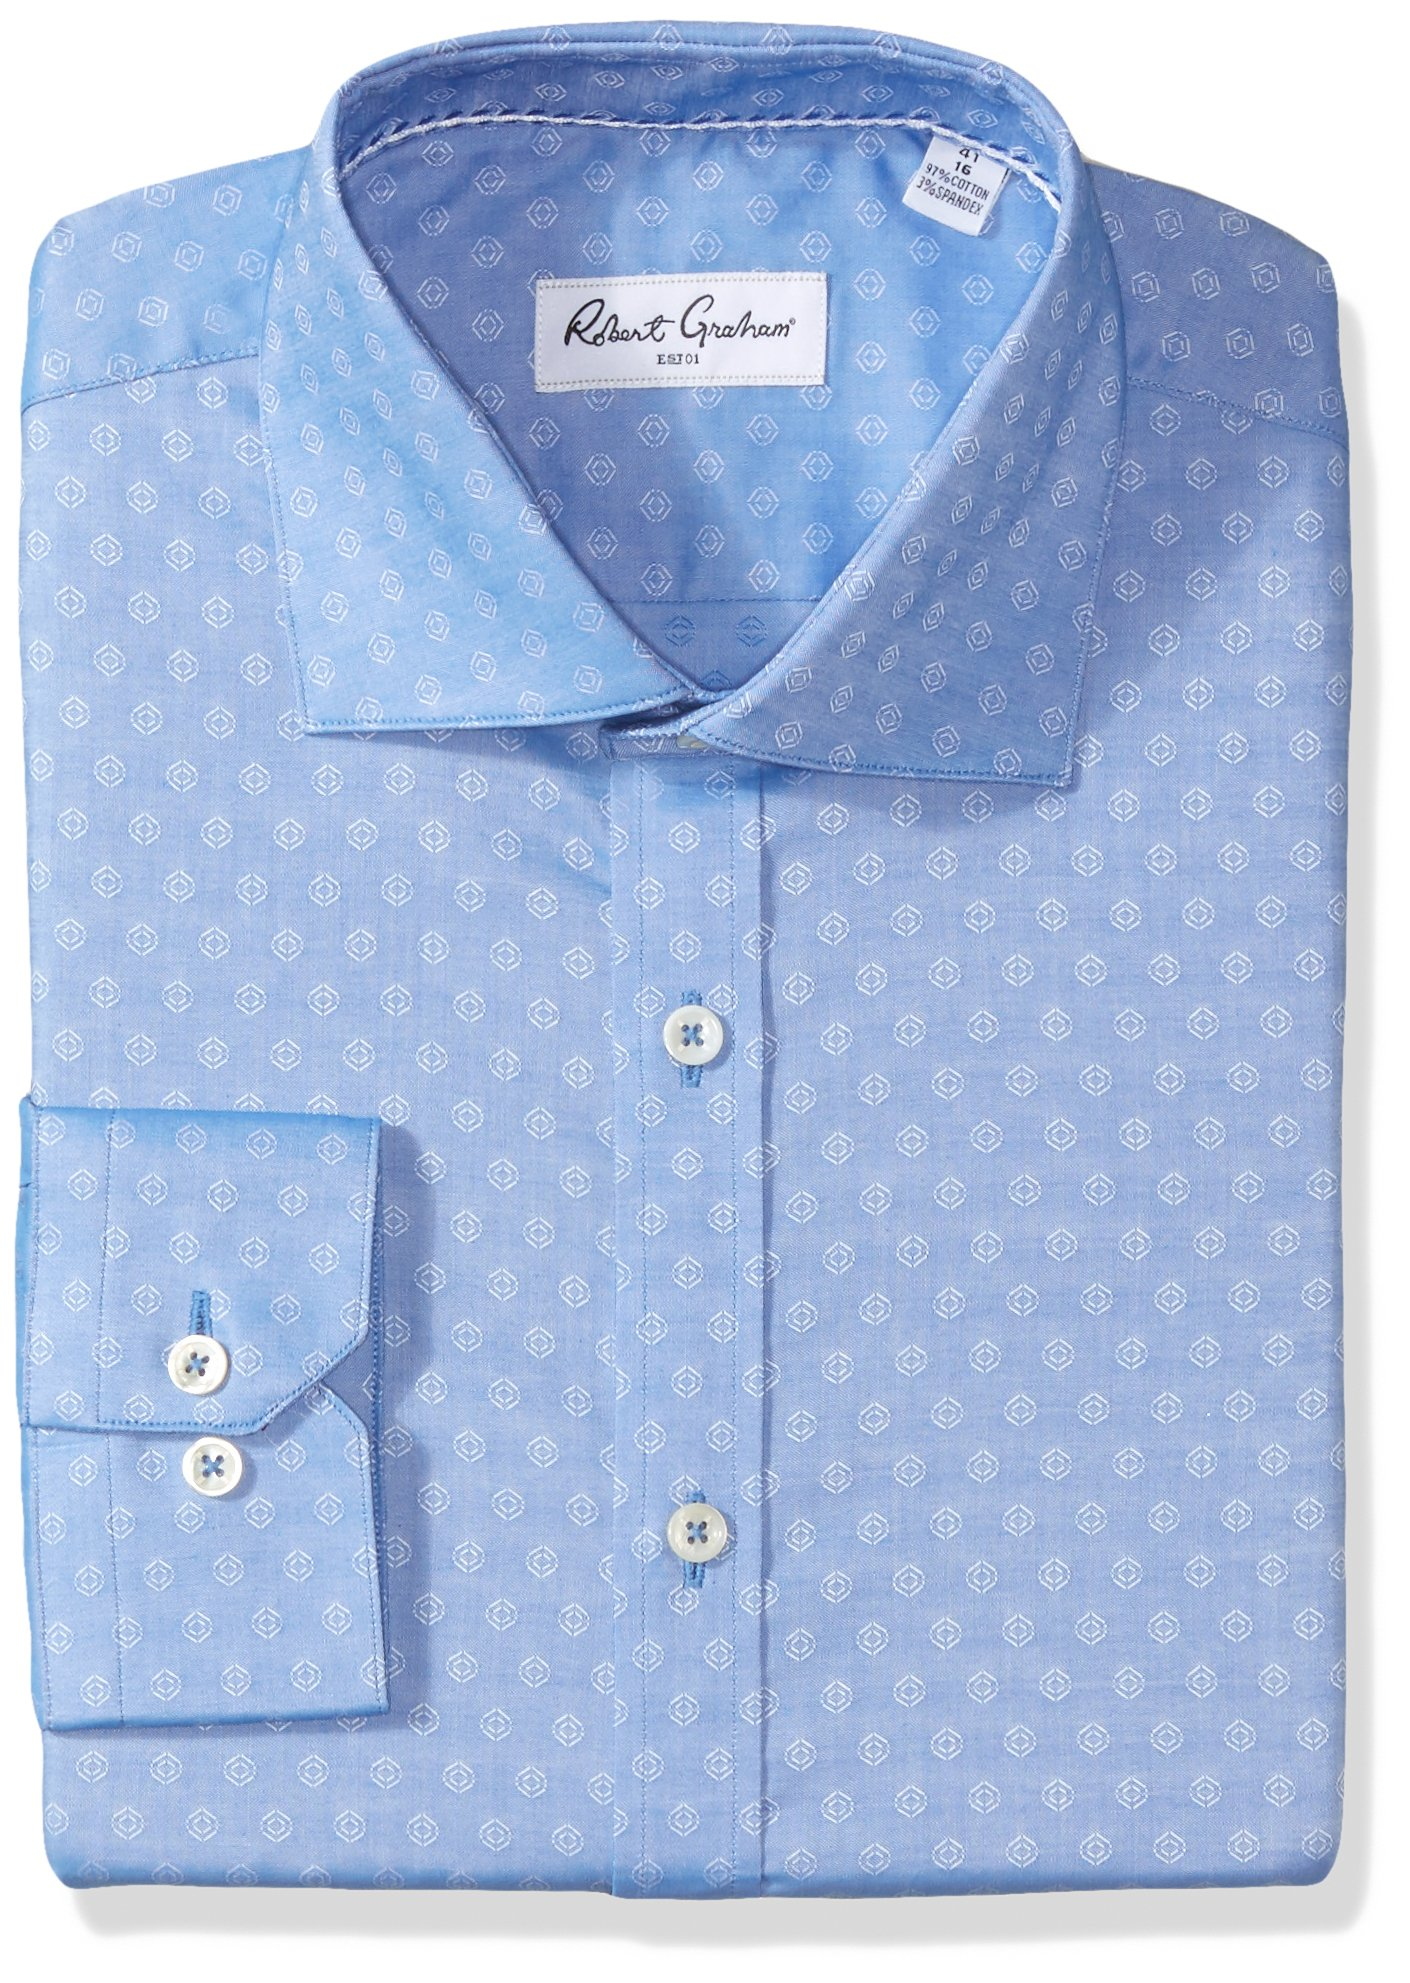 Robert Graham Men's Gene Regular Fit Solid Dress Shirt, Blue, 15.5'' Neck 35'' Sleeve by Robert Graham